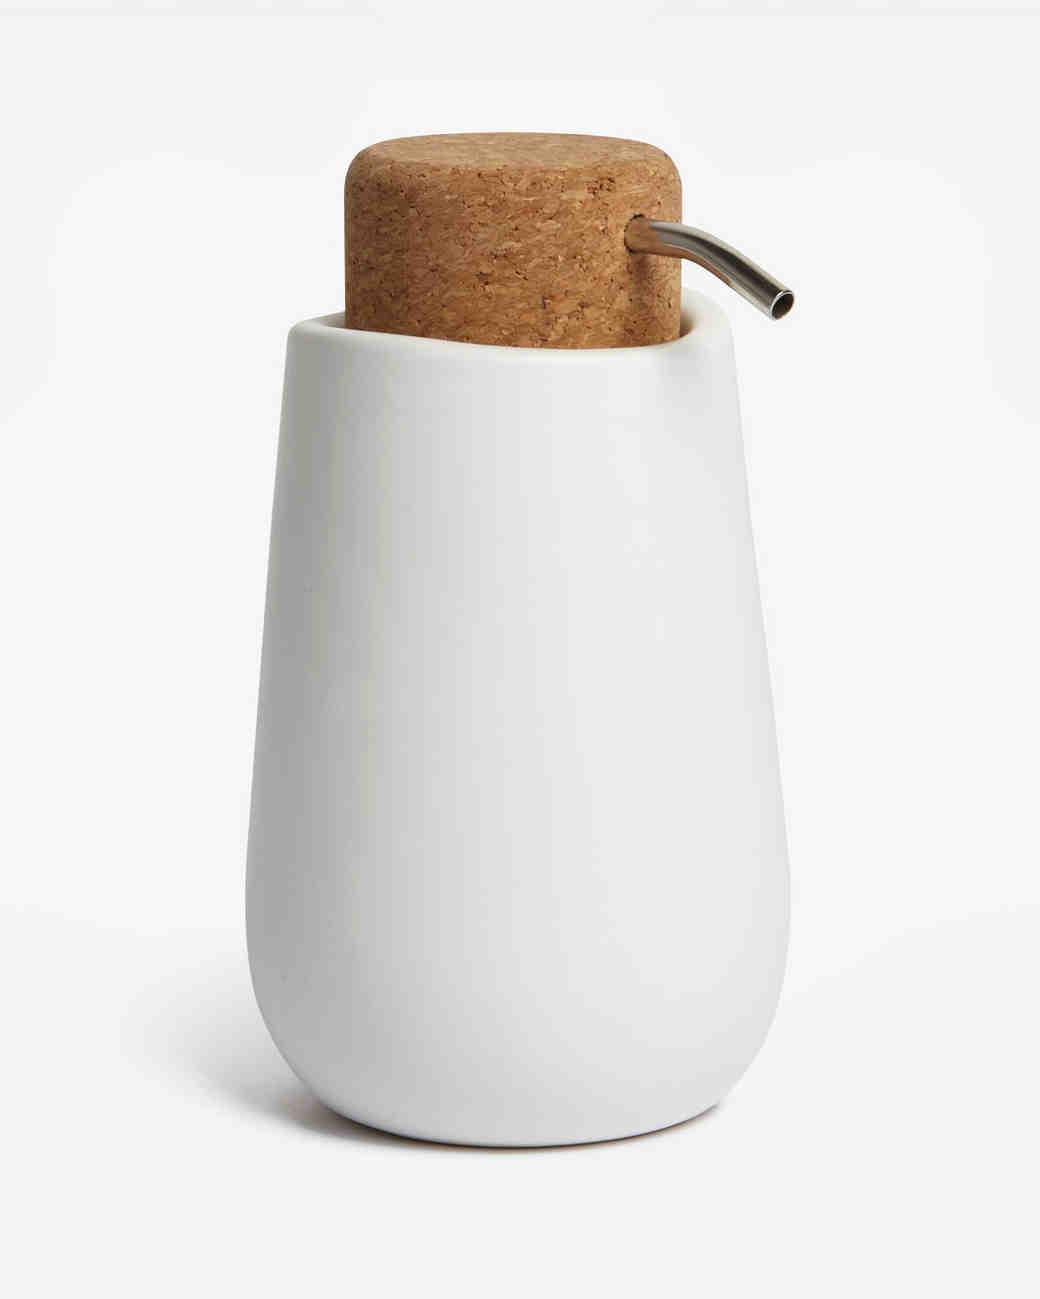 cork soap dispenser